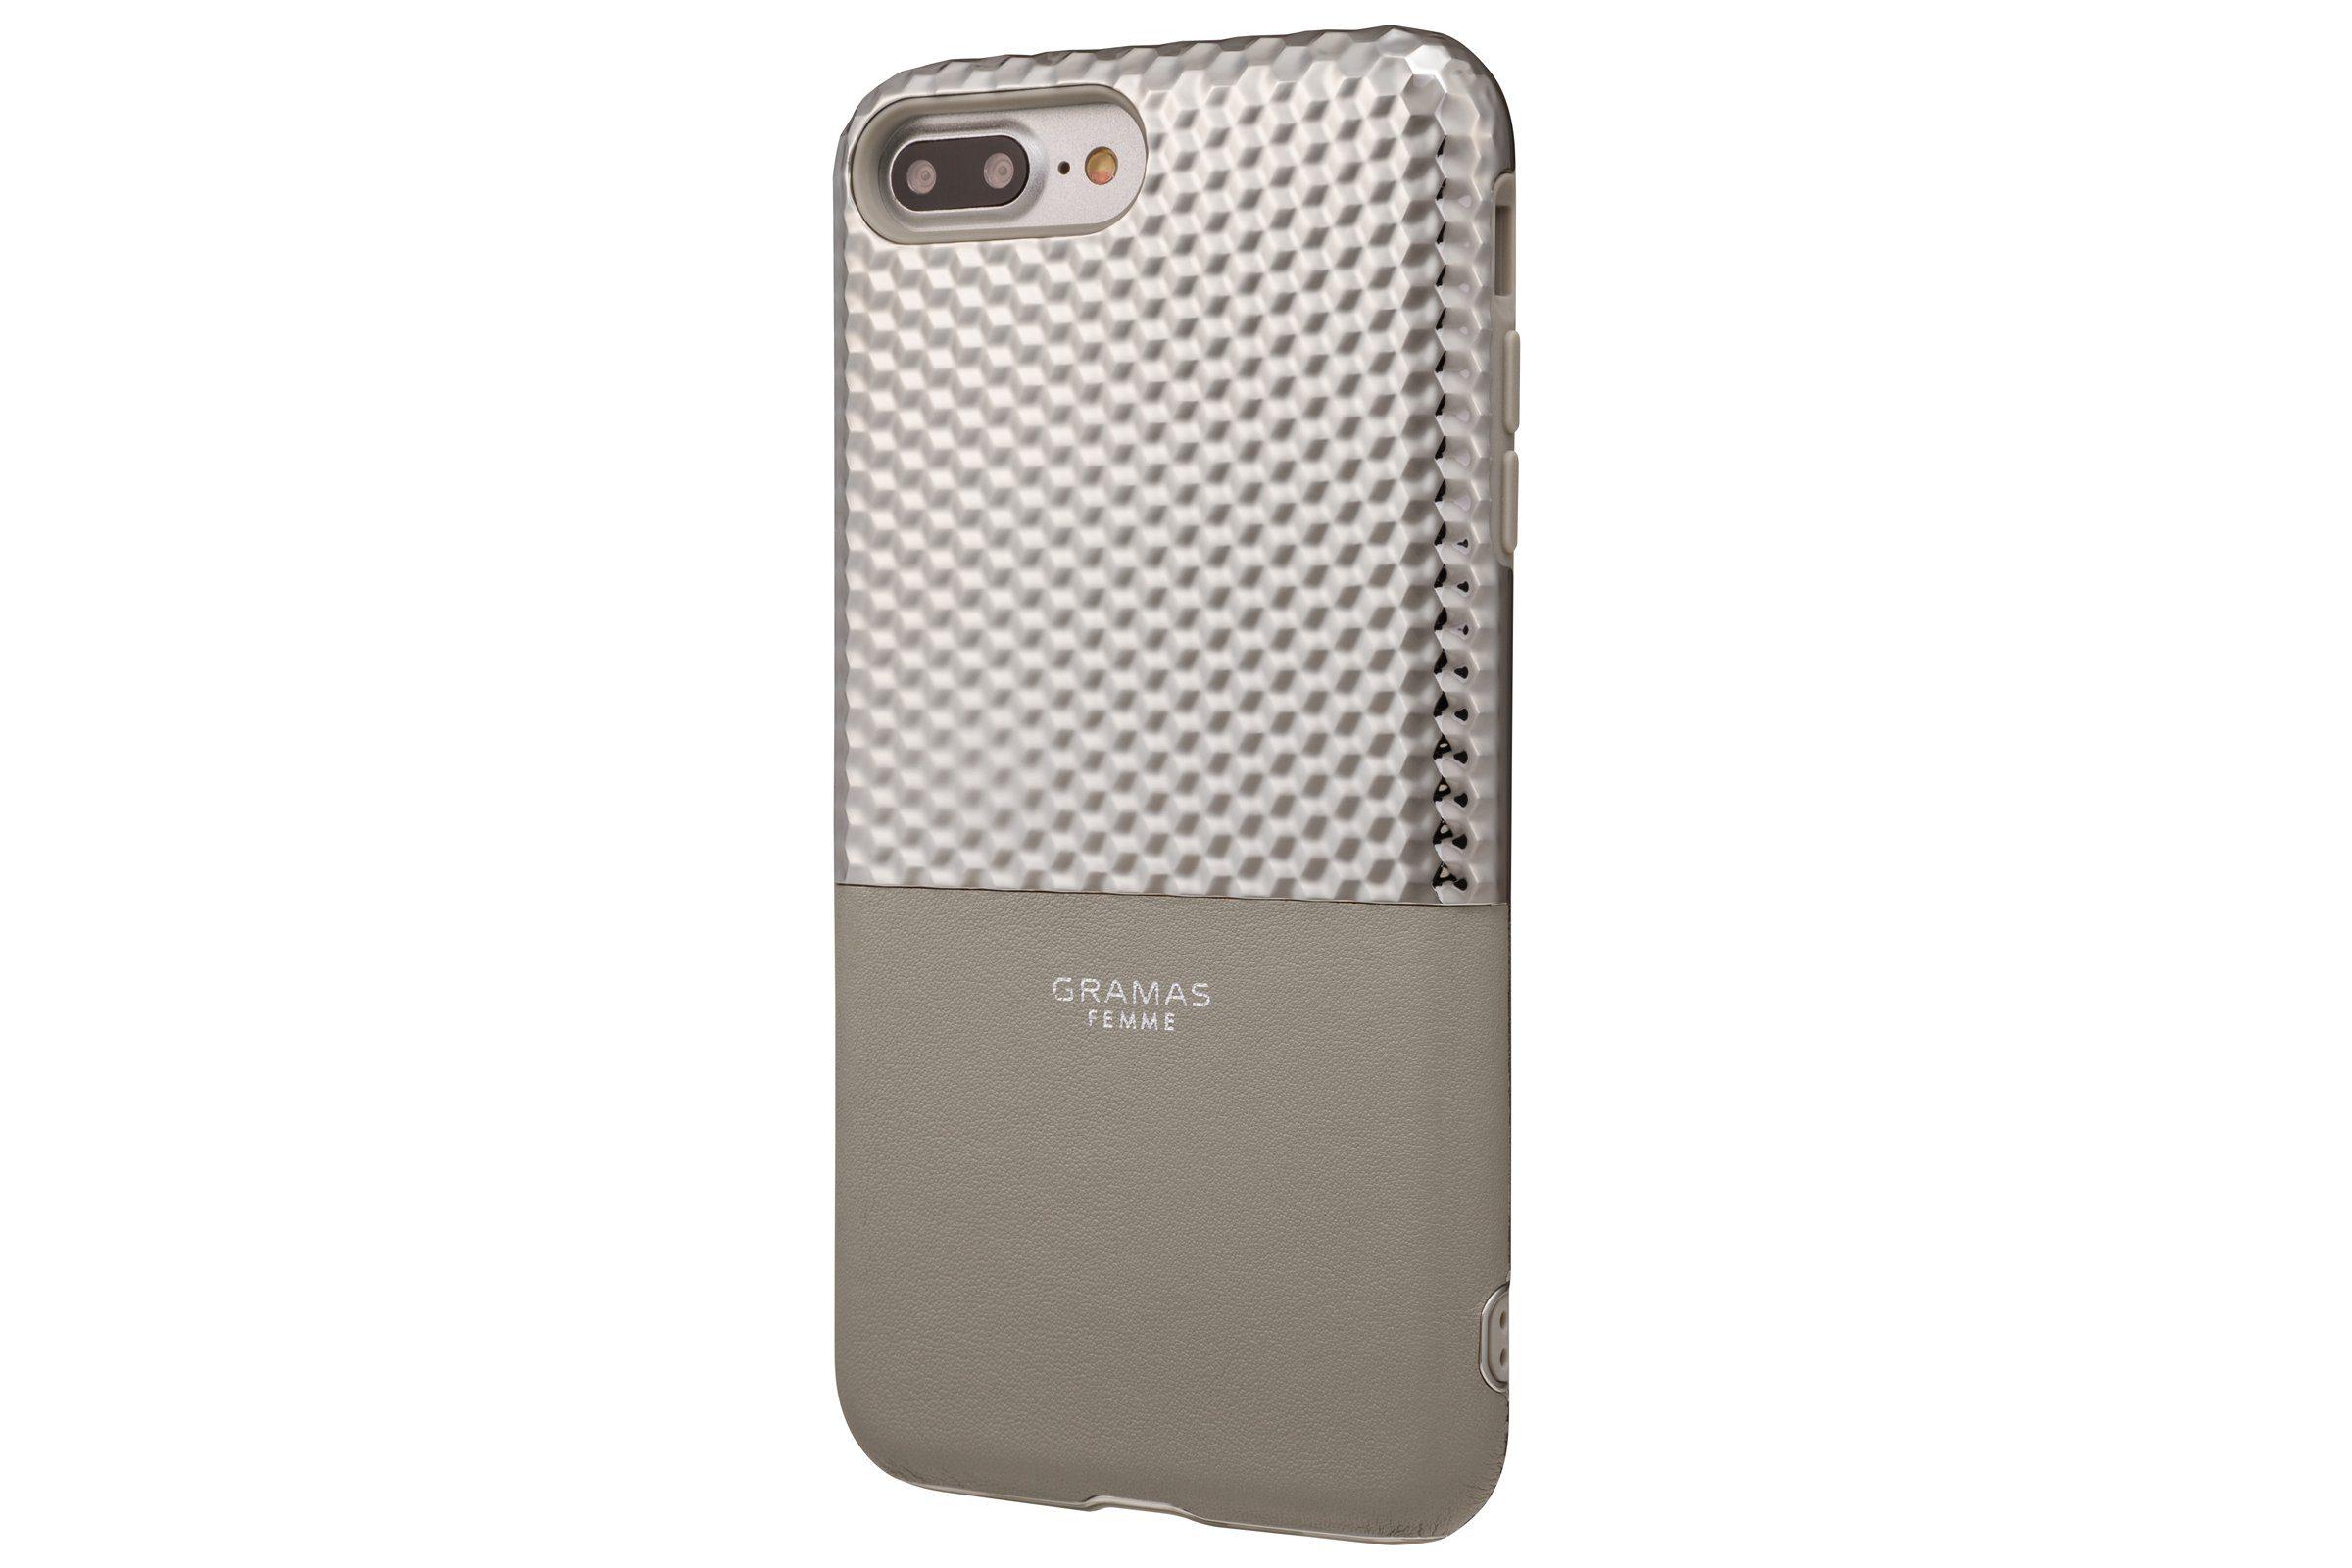 GRAMAS Schutzhülle »FLC2017PSL Hex für iPhone 8/7/6S/6 Plus silber«